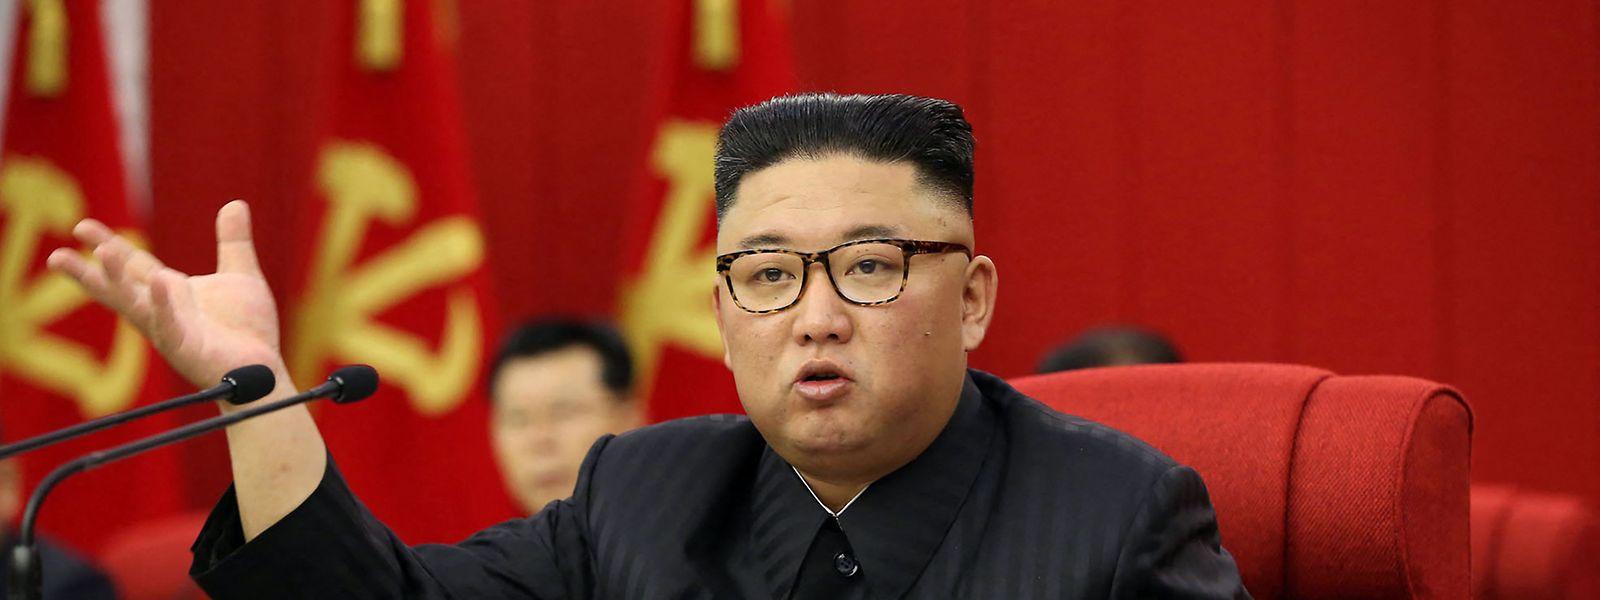 Kim Jong Un bei der Vollversammlung des Zentralkomitees am 15. Juni. (Wie bei allen Bildern der nordkoreanischen Staatsmedienagentur KCNA ist nicht sicher geklärt, ob diese Information zutrifft.)